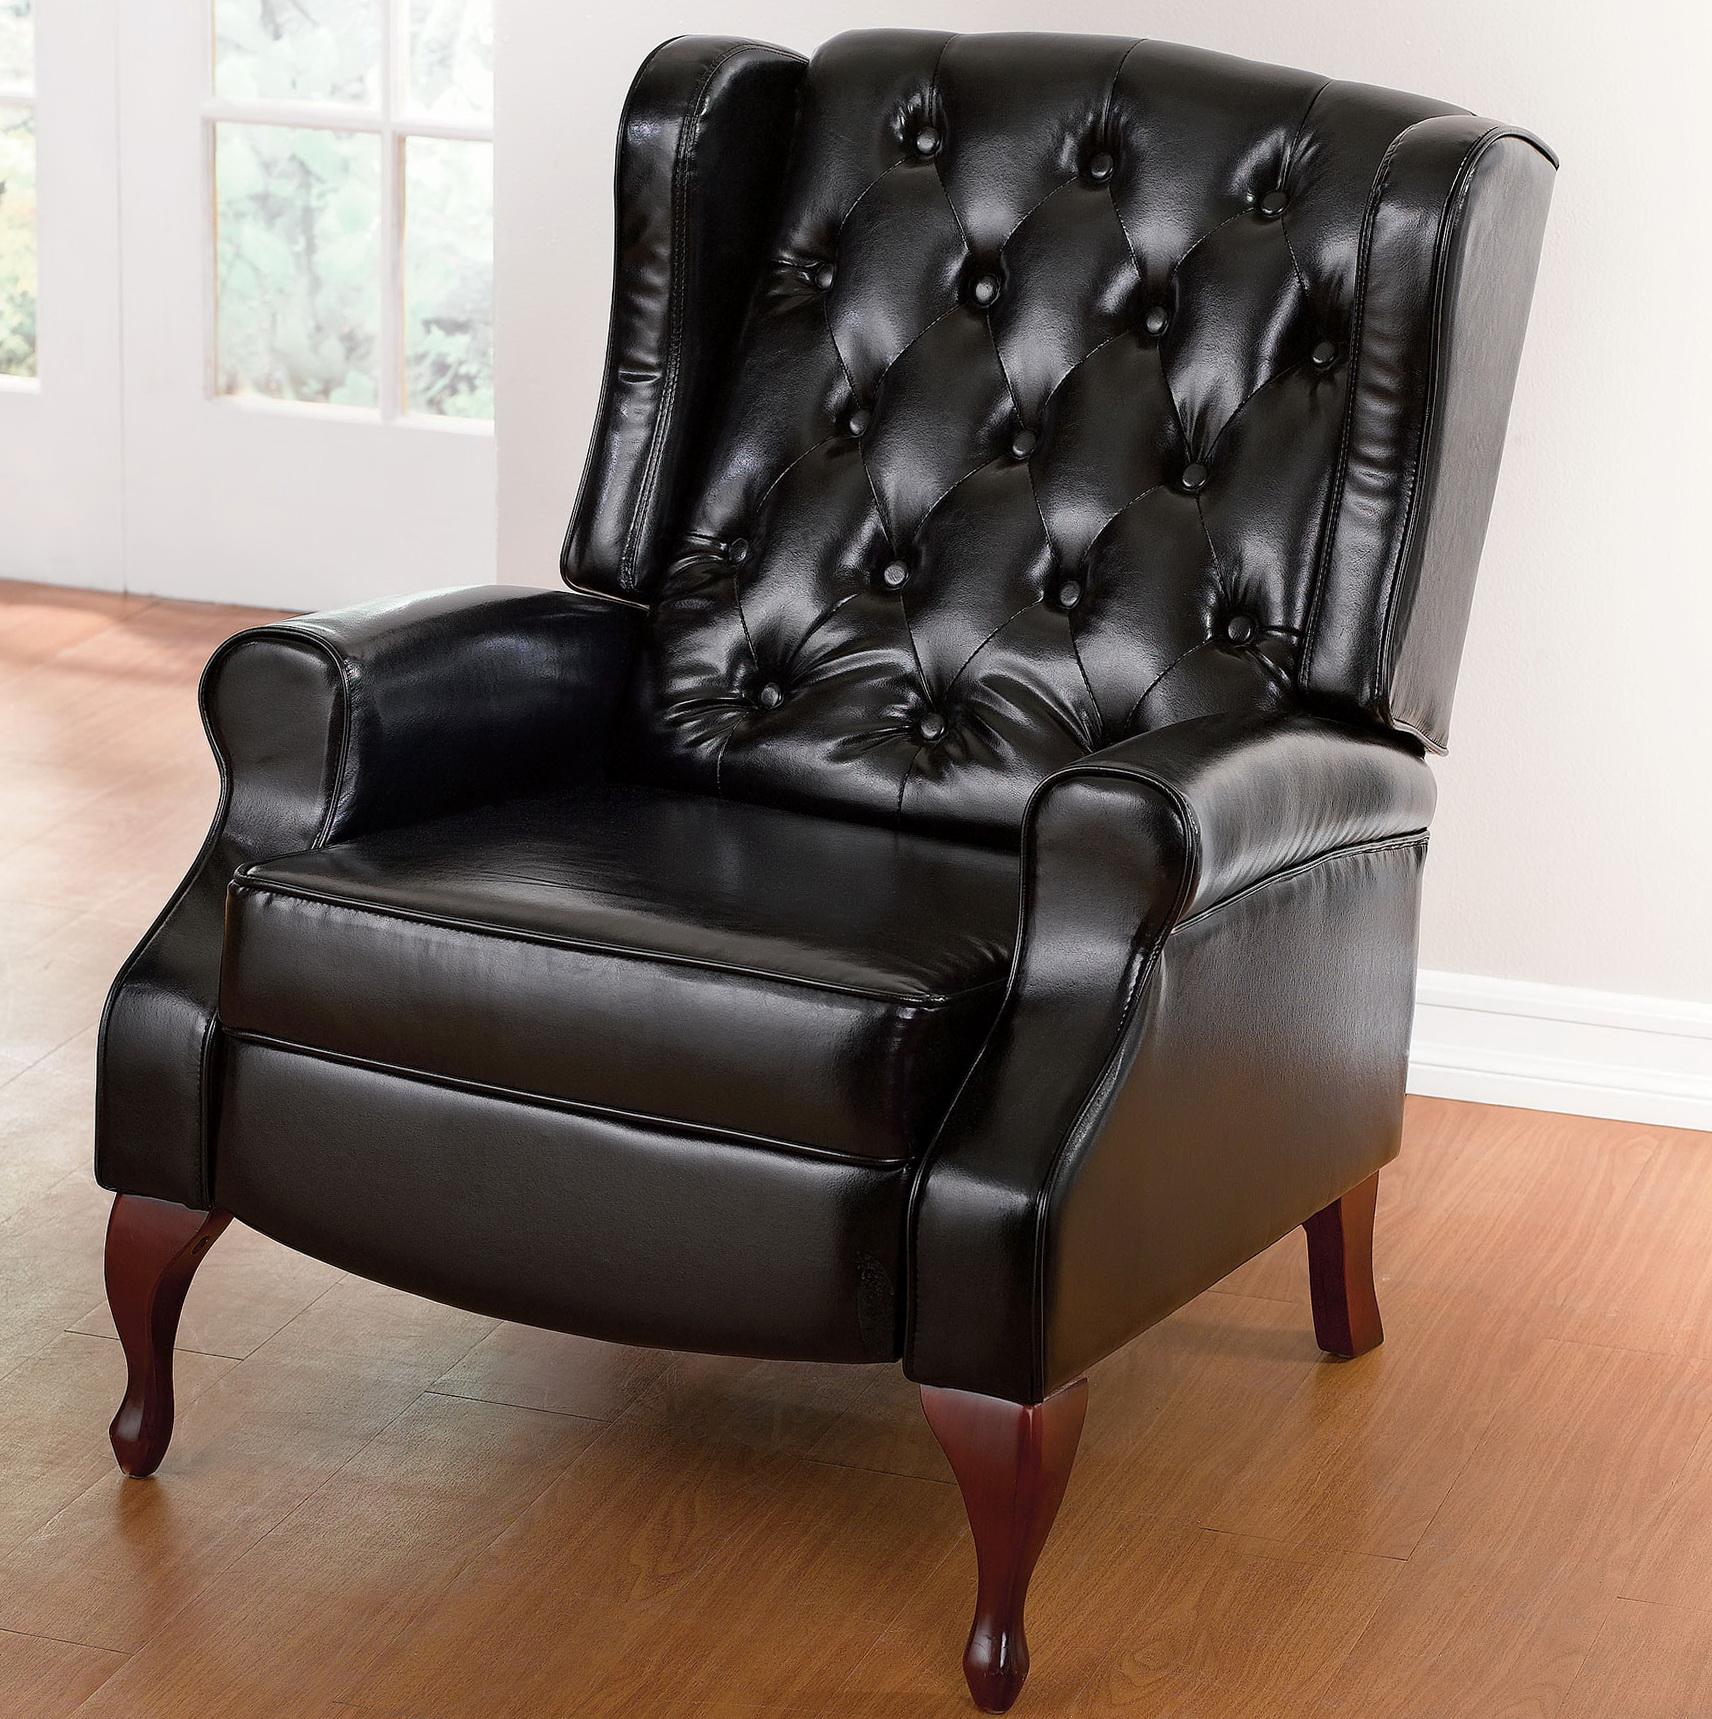 Queen Anne Chair Recliner